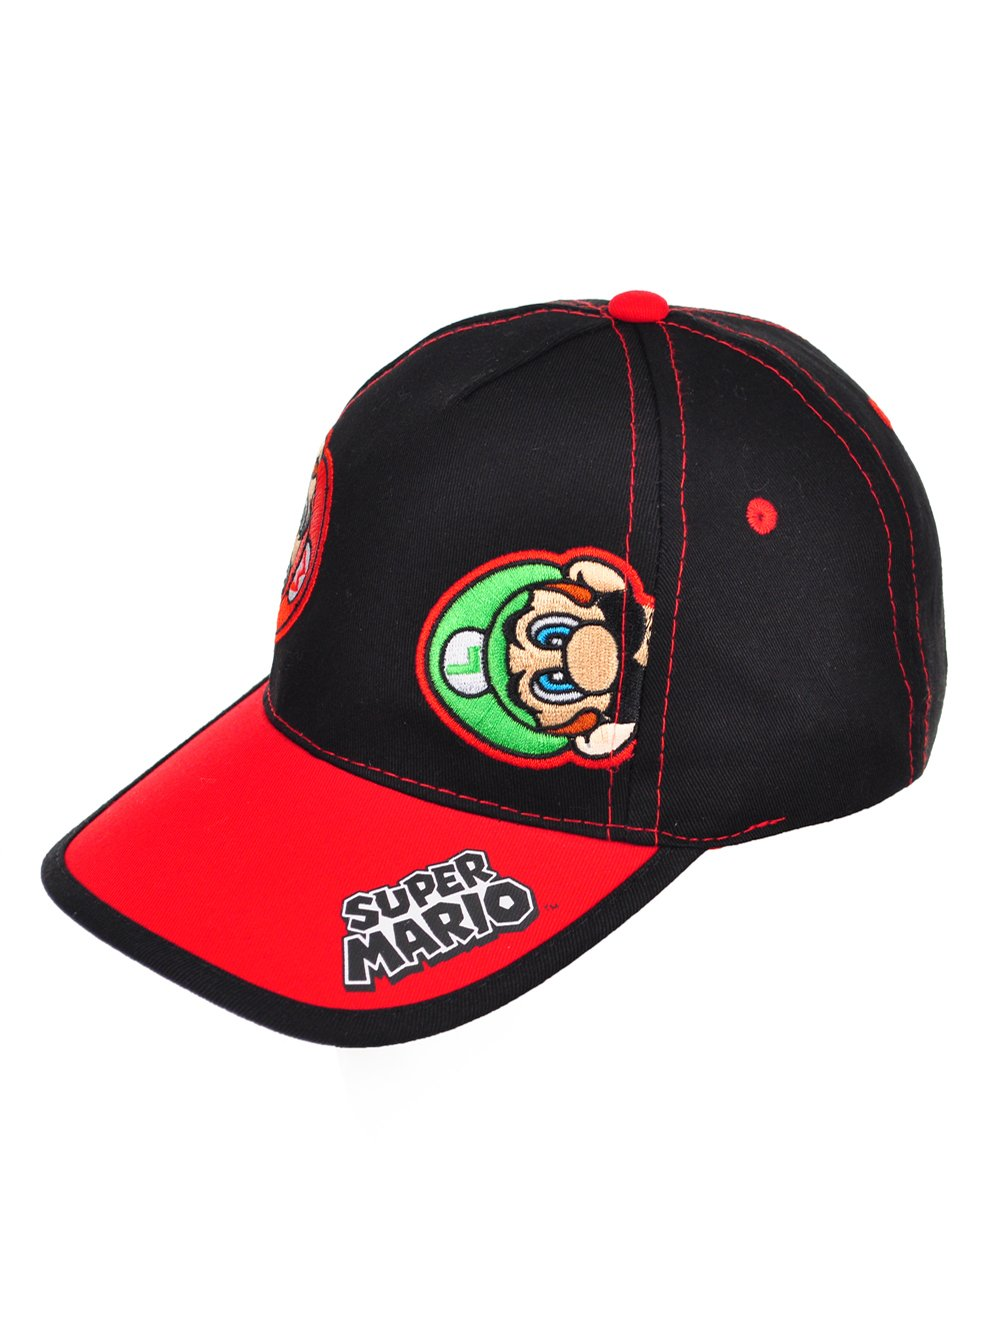 Super Mario Boys' Baseball Cap